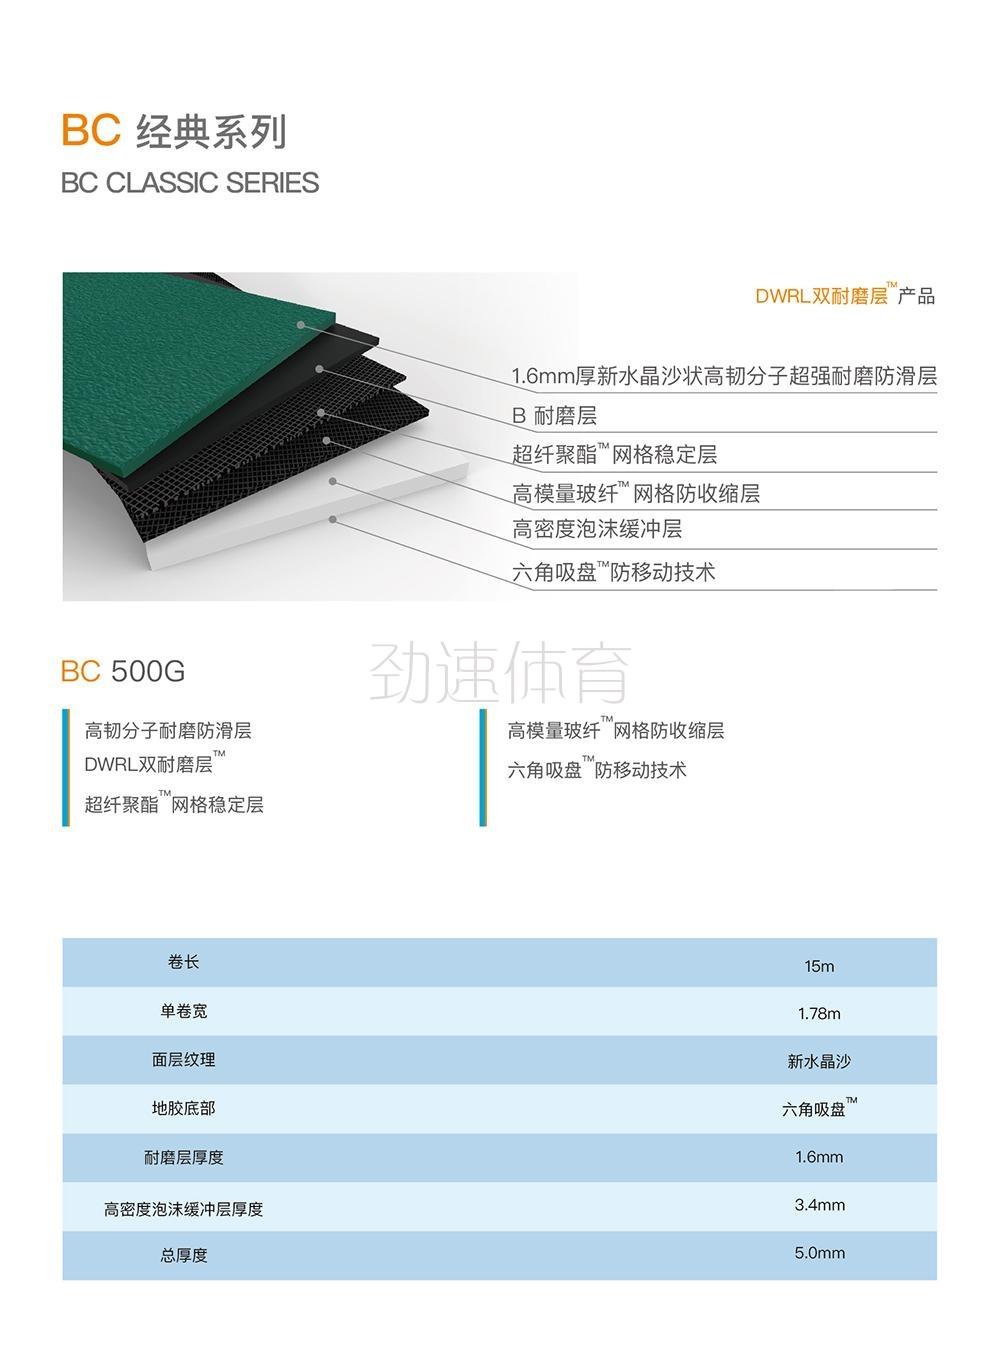 BC500G